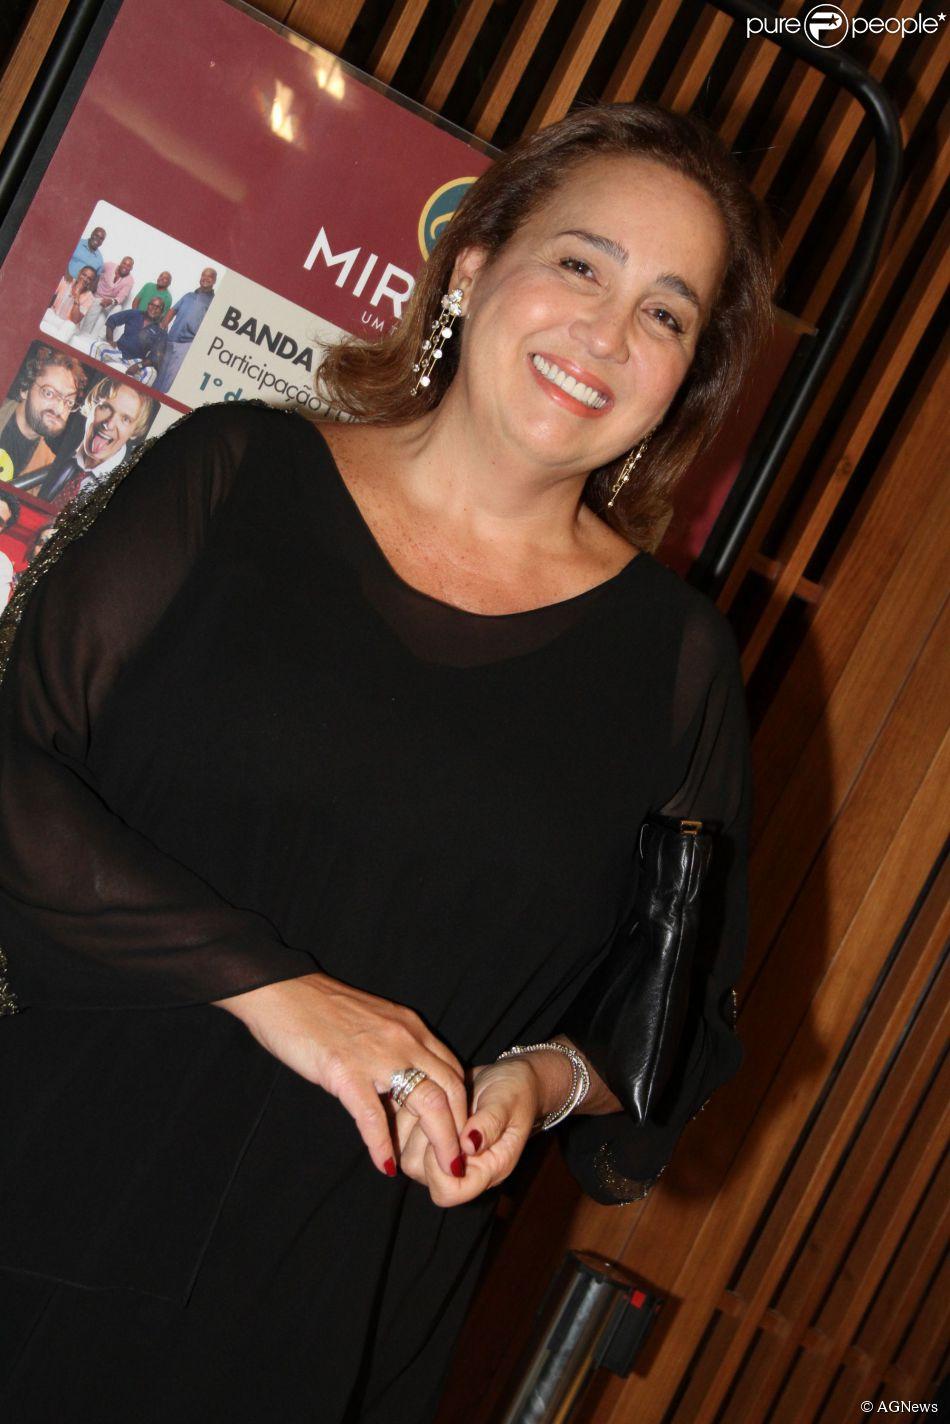 Claudia Jimenez falou com bom humor para a colunista Patricia Kogut, do jornal 'O Globo' desta sexta-feira, 7 de fevereiro de 2014, sobre os problemas de coração que tem enfrentado: 'Gastei meu coração com muita bobagem, não me admiro de ele estar pedindo ajuda'